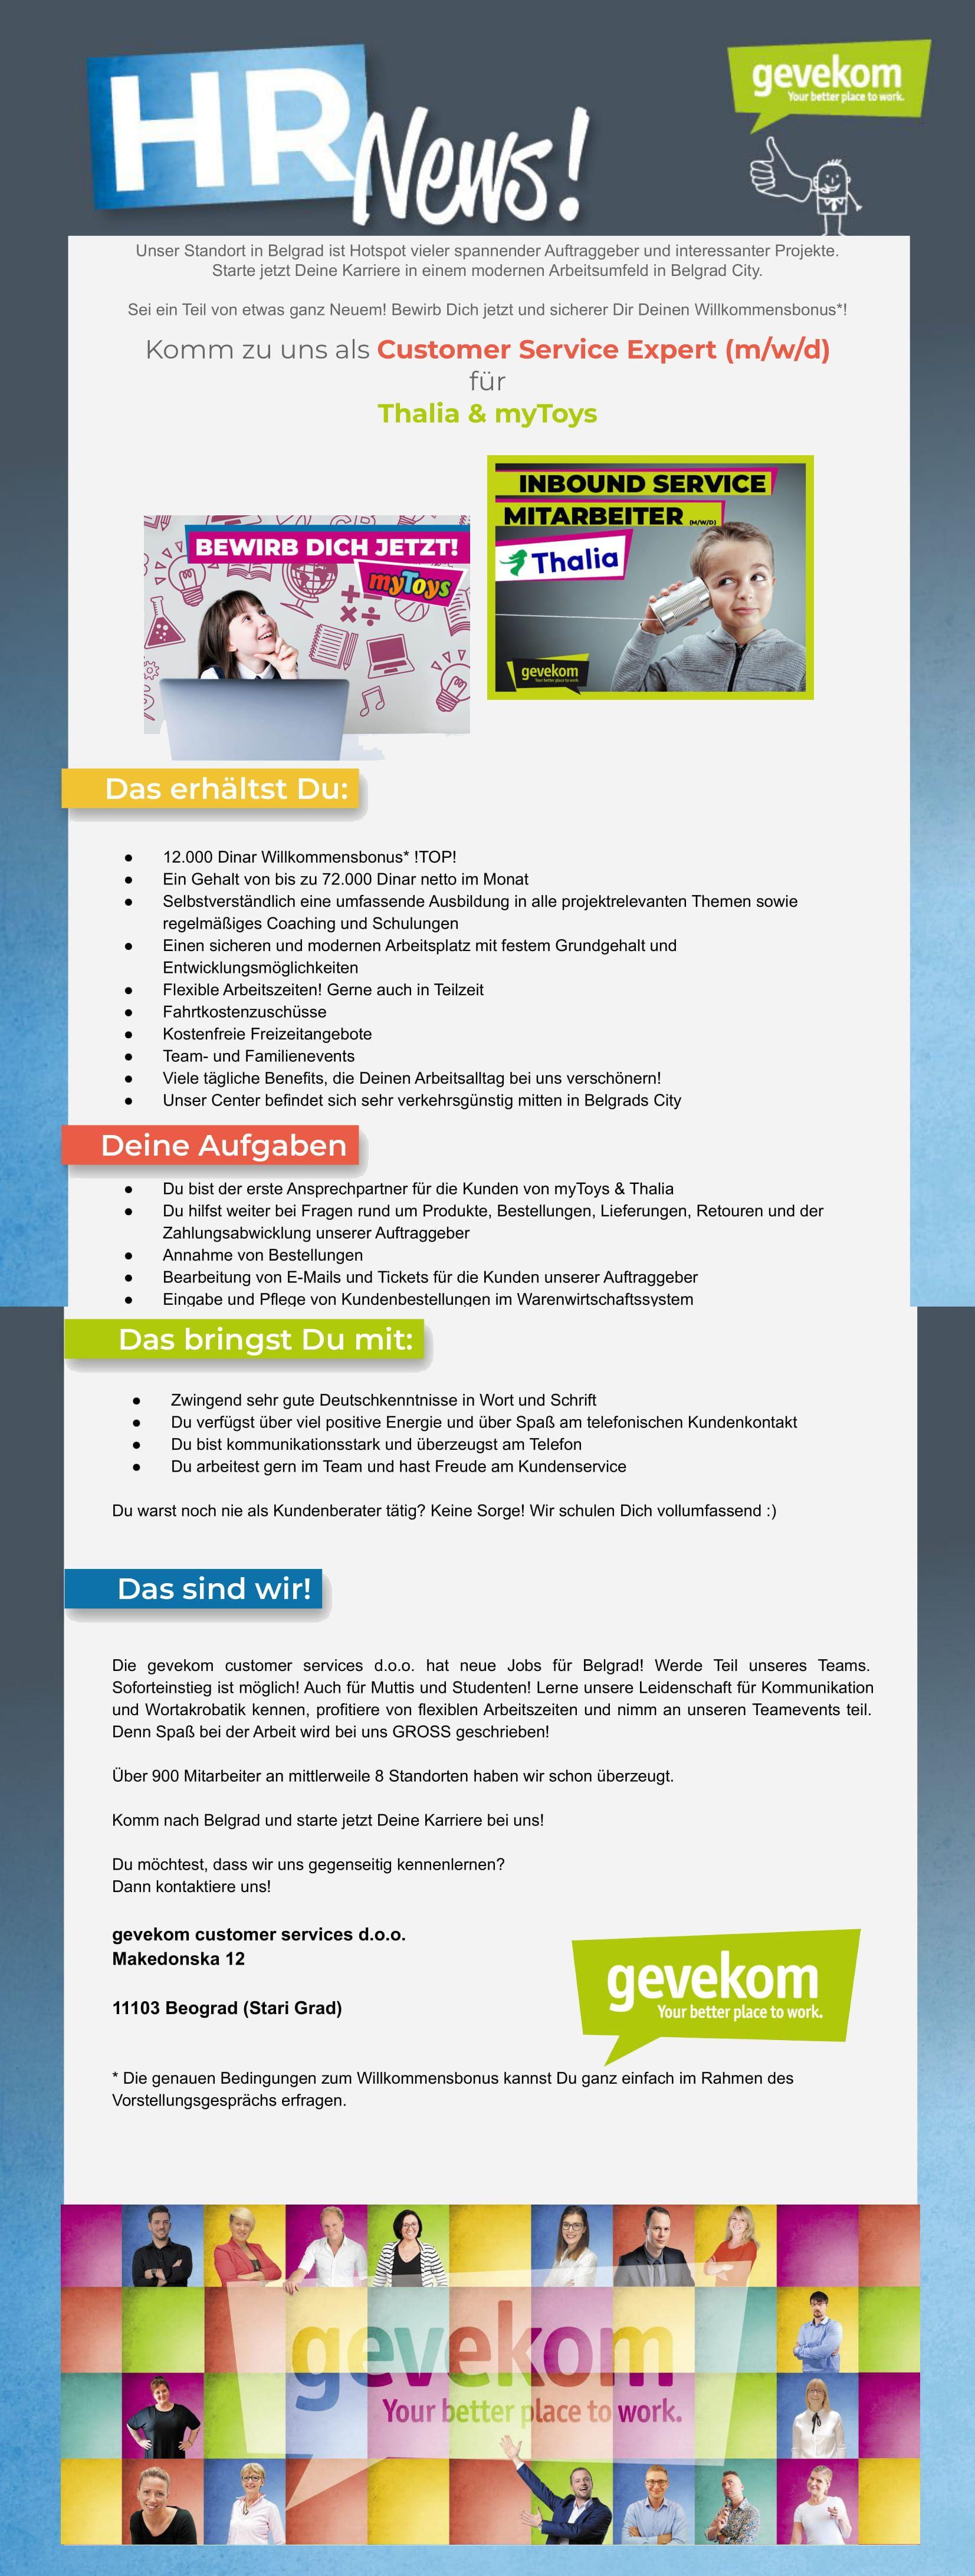 Customer Service Expert für Thalia und mytoys - deutschsprachig